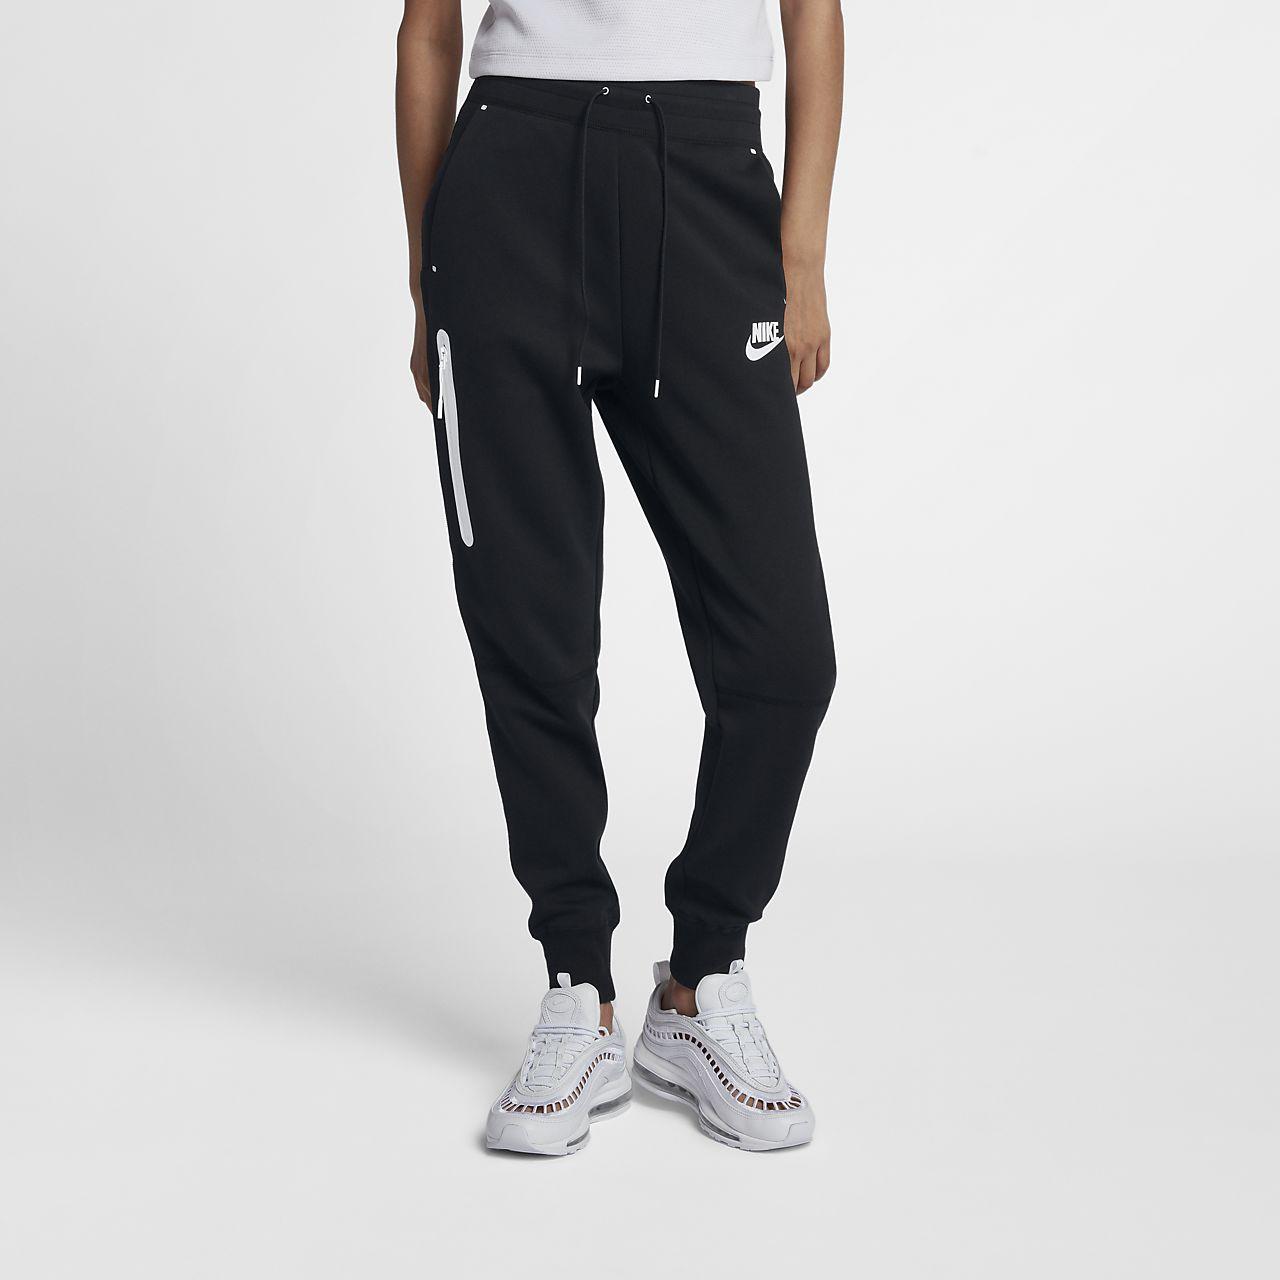 0708eb2c933fd Pantalon Nike Sportswear Tech Fleece pour Femme. Nike.com BE